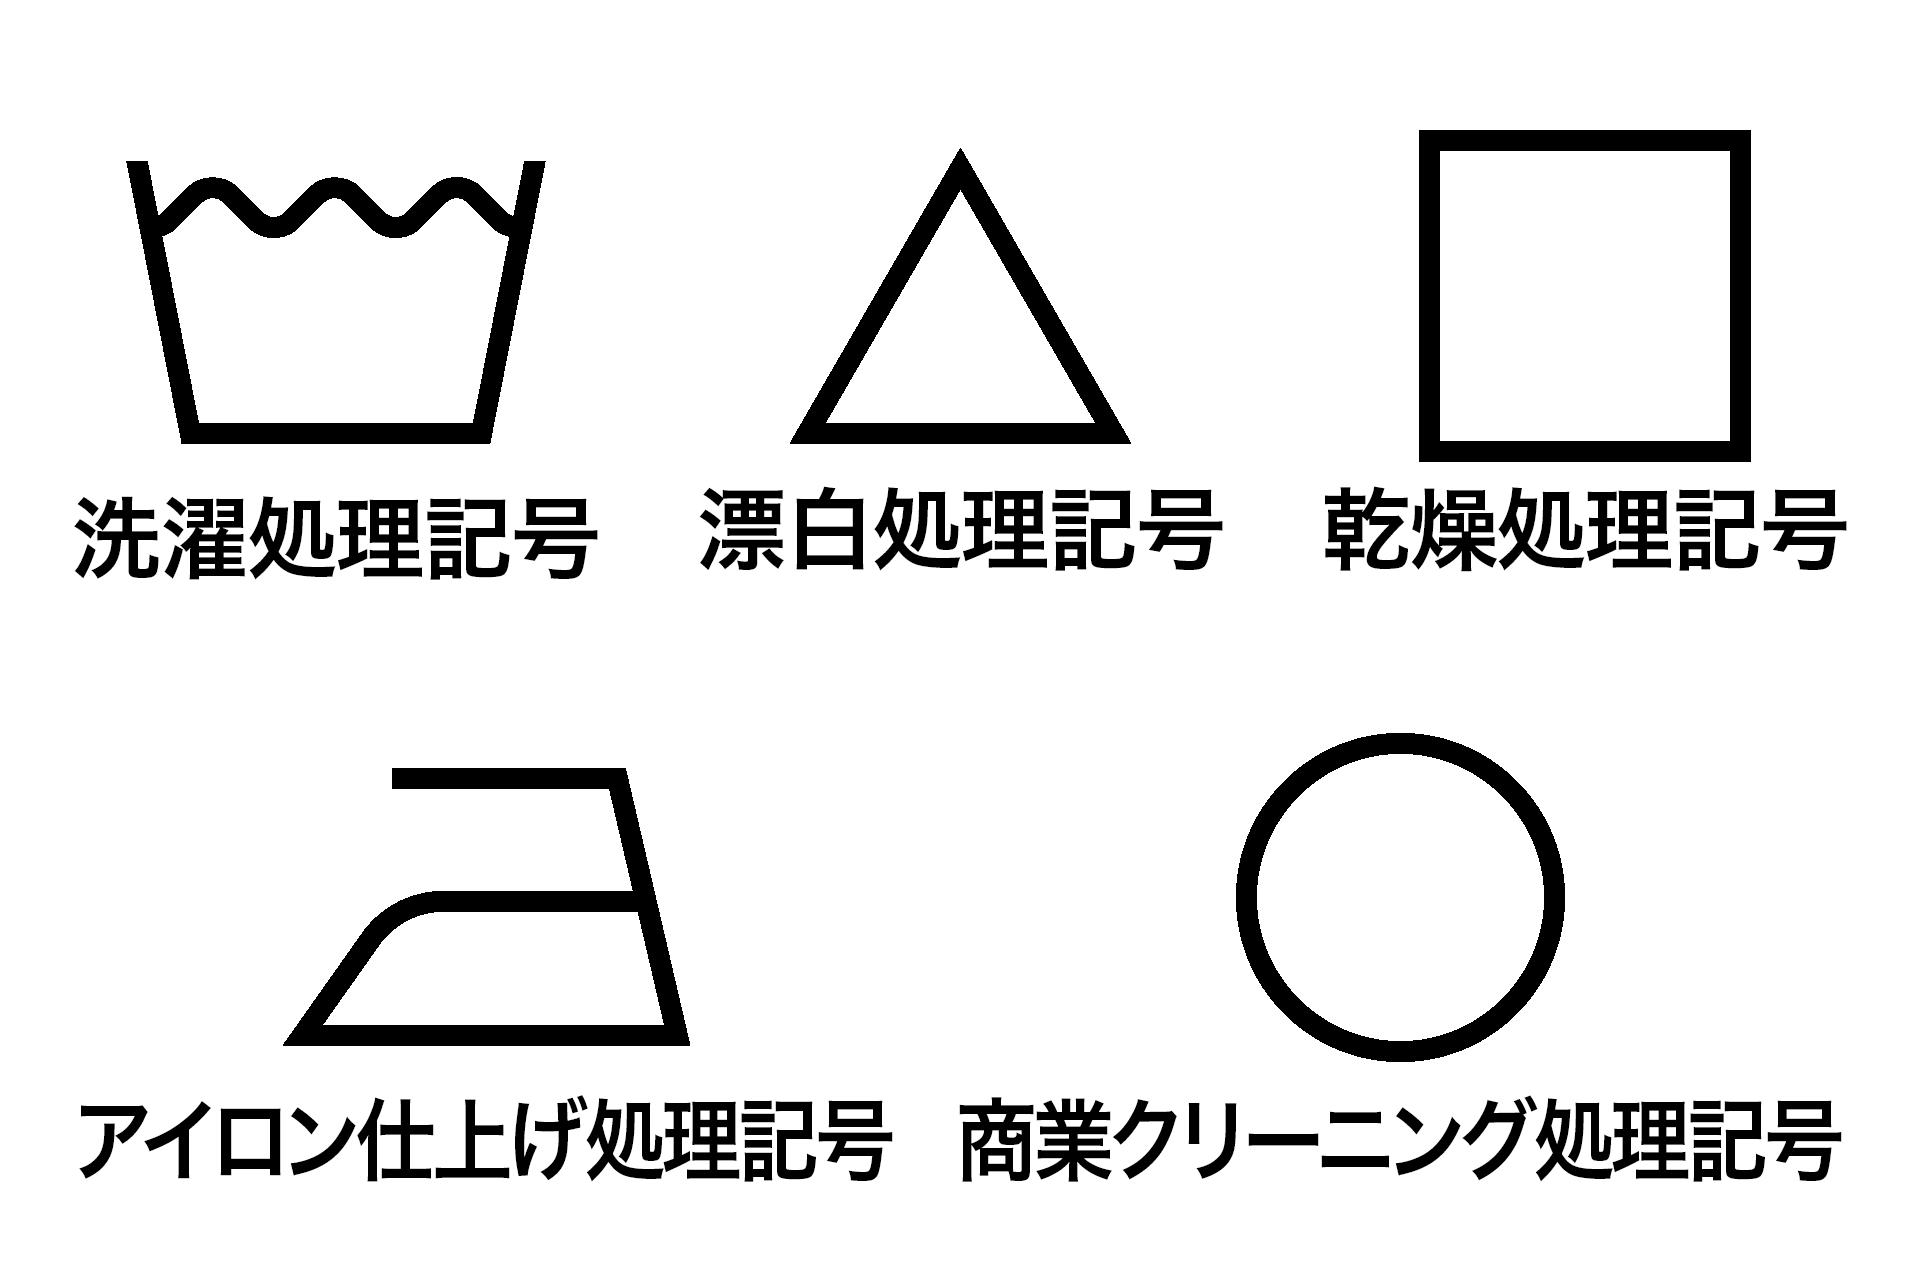 洗濯表示の基本記号